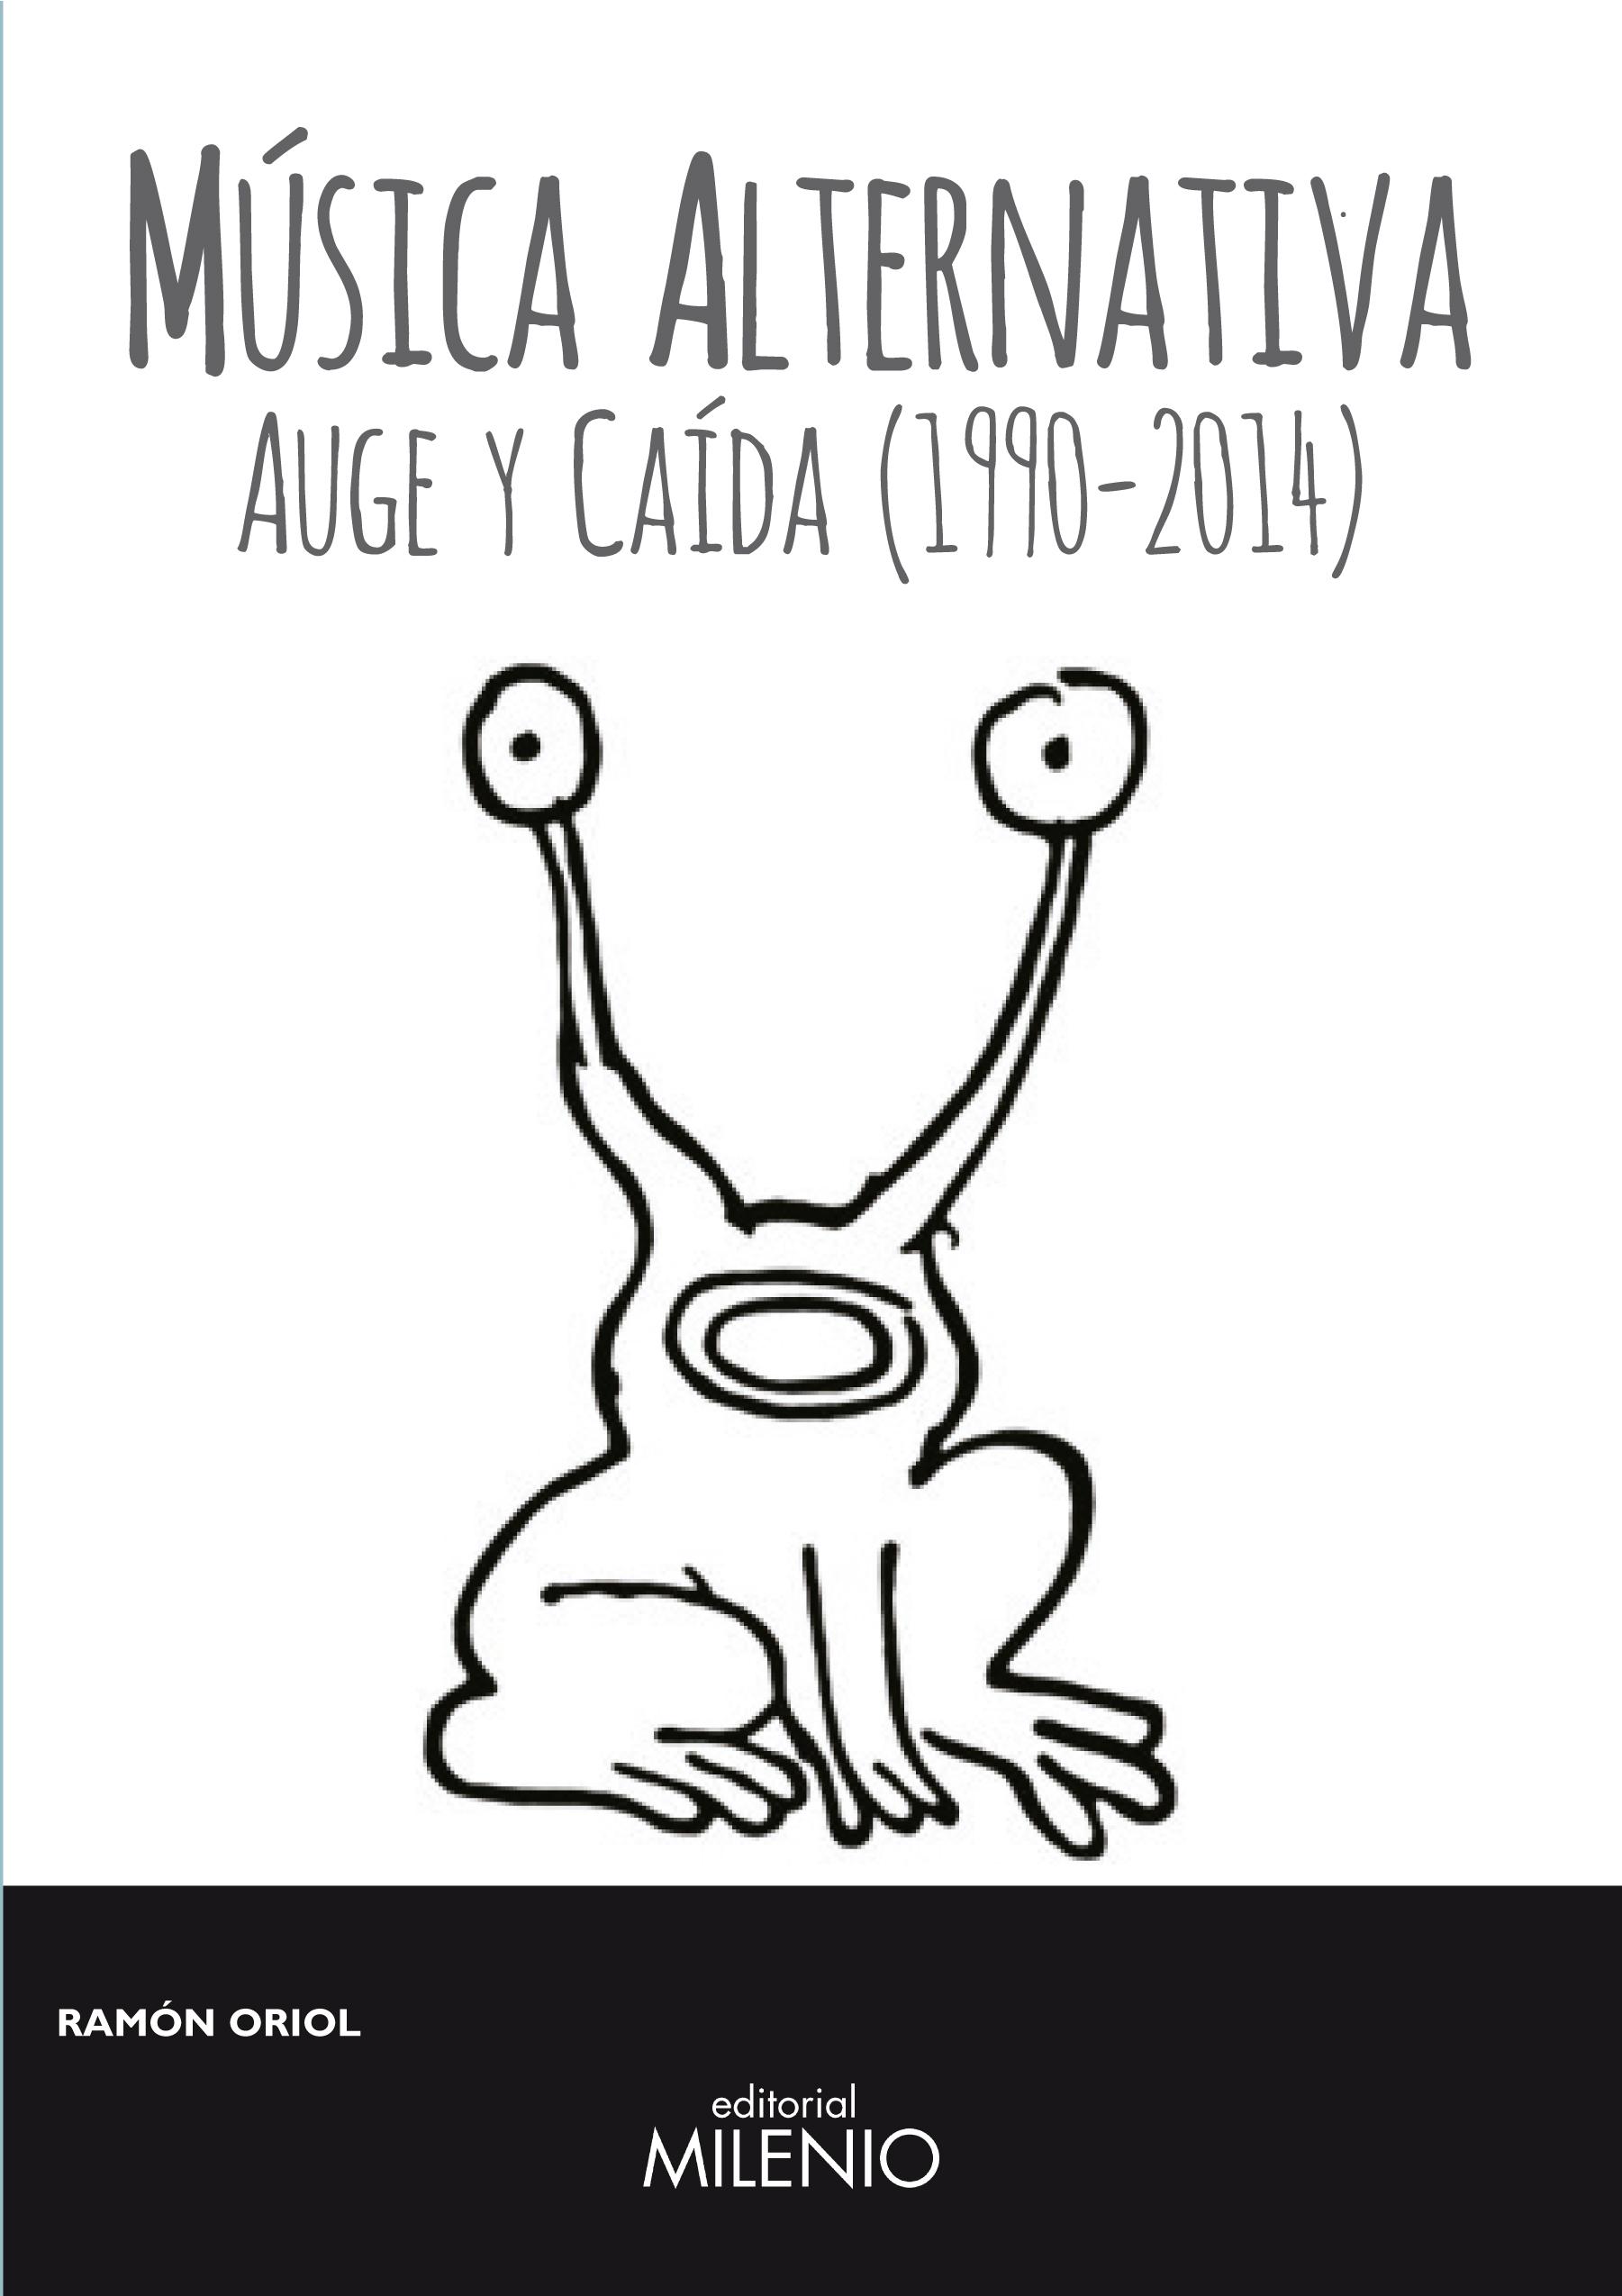 MUSICA ALTERNATIVA: AUGE Y CAIDA (1990-2014)